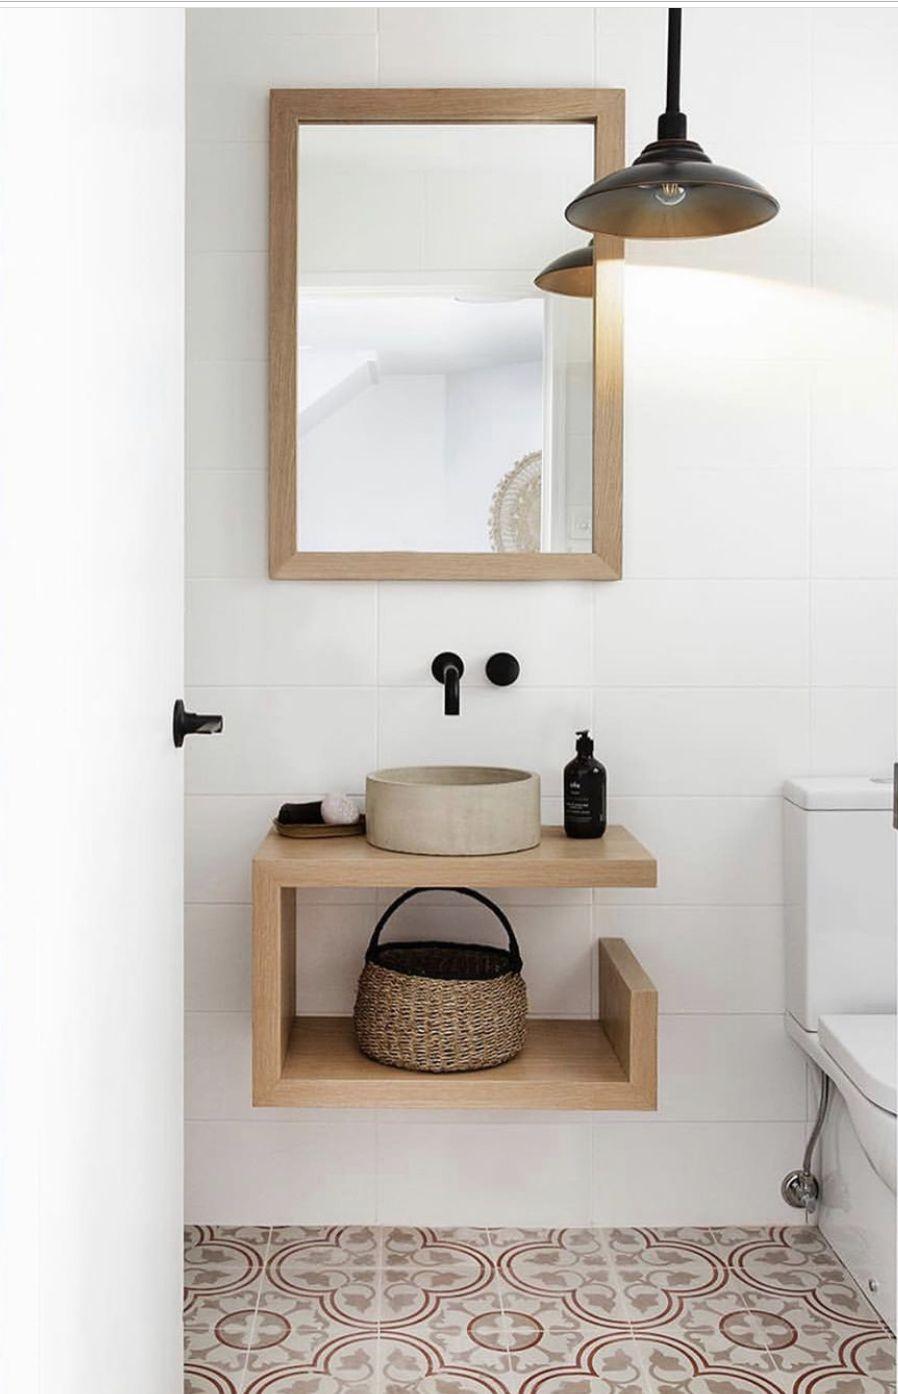 Cute Bathroom Love The Cement Tiles Badezimmer Einrichtung Badezimmer Innenausstattung Romantische Deko